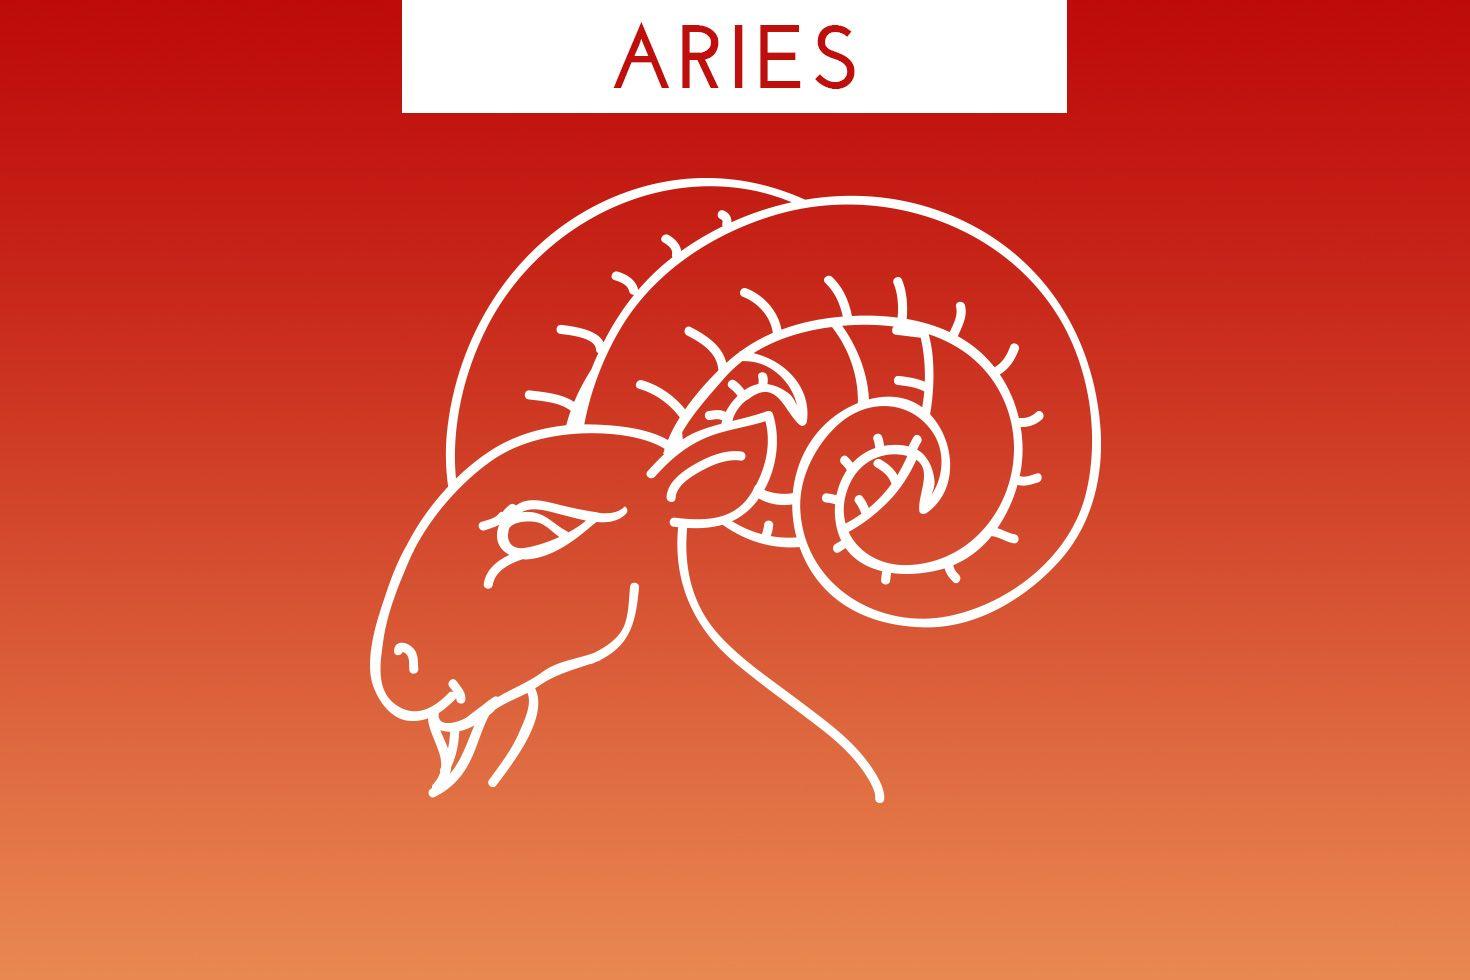 Aries horoscope ram